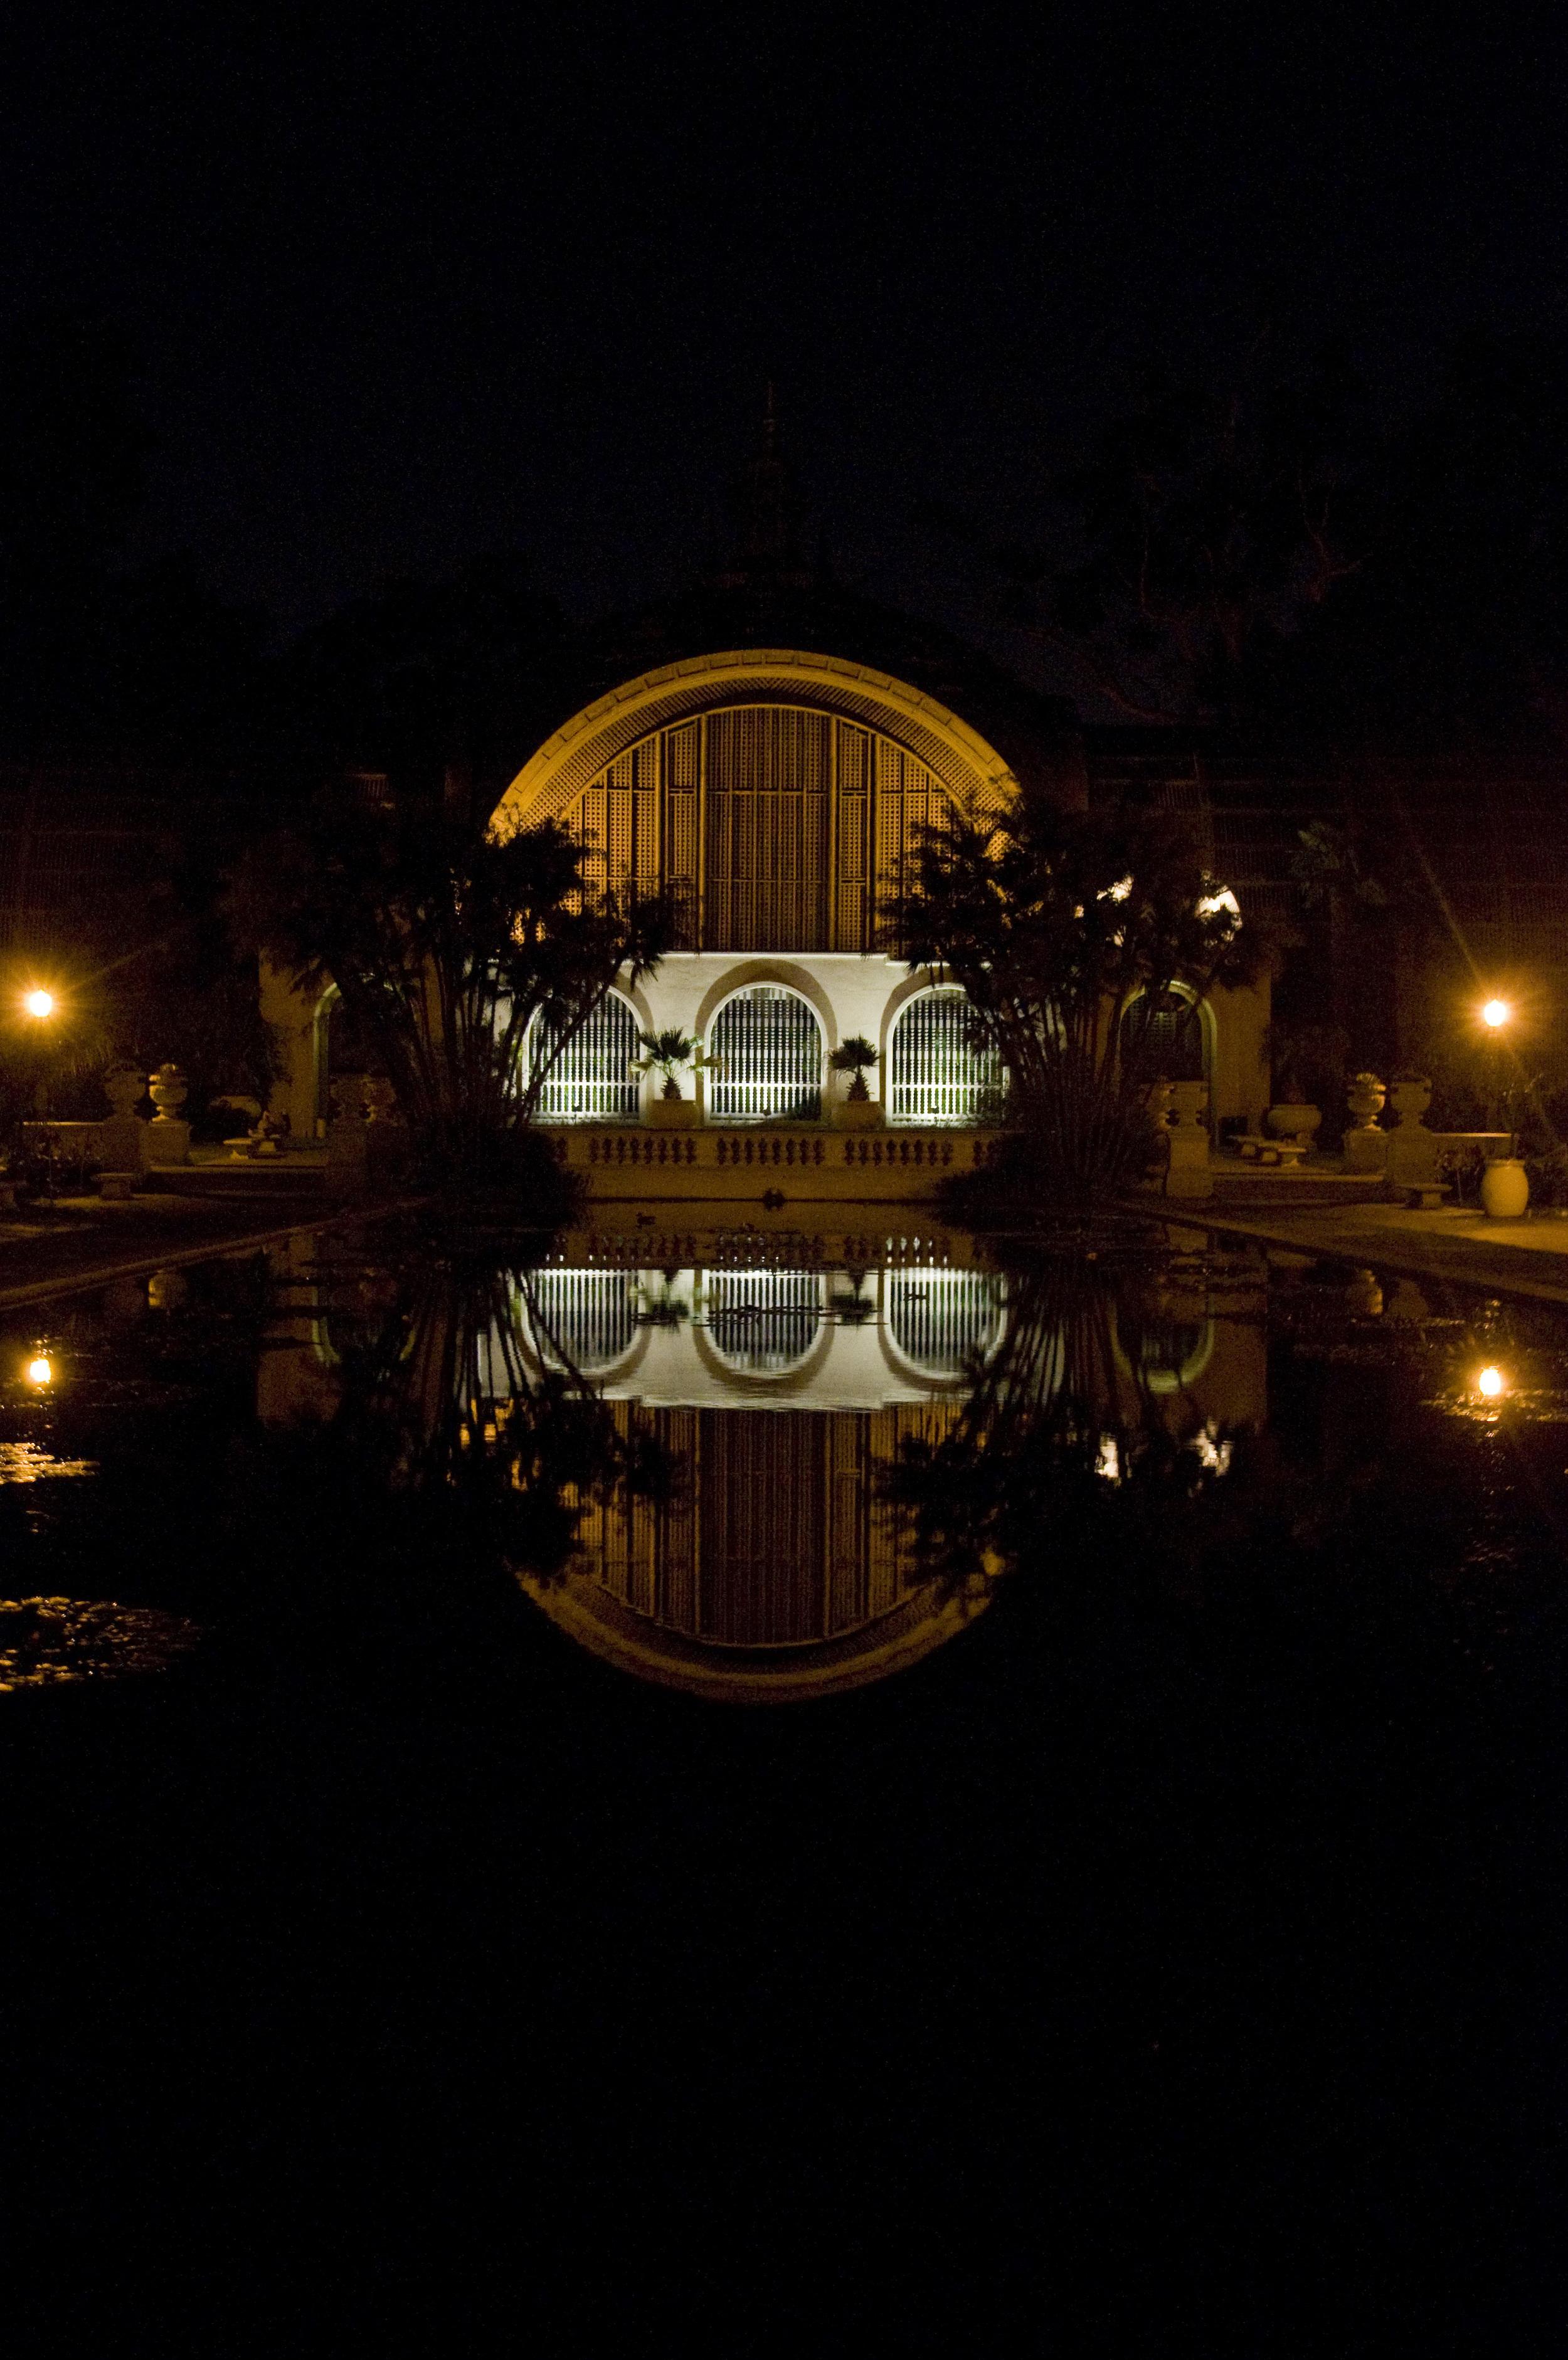 Botanical Hall at Balboa Park at night